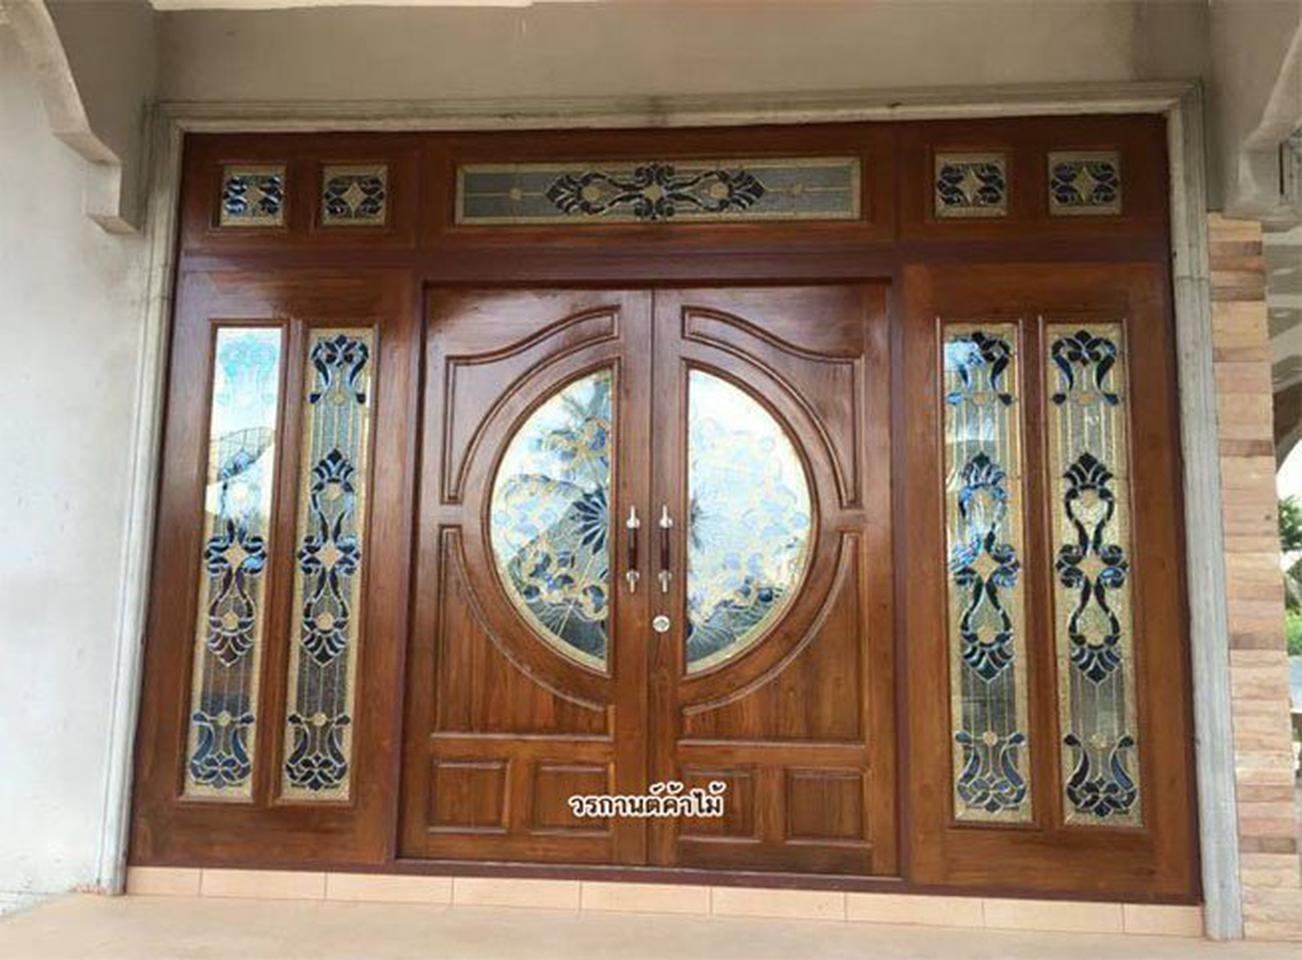 ร้านวรกานต์ค้าไม้ จำหน่าย ประตูไม้สัก,ประตูไม้สักกระจกนิรภัย,ประตูไม้สักบานเลื่อน ประตูไม้สักบานคู่ ประตูไม้สักบานเดี่ยว รูปที่ 3